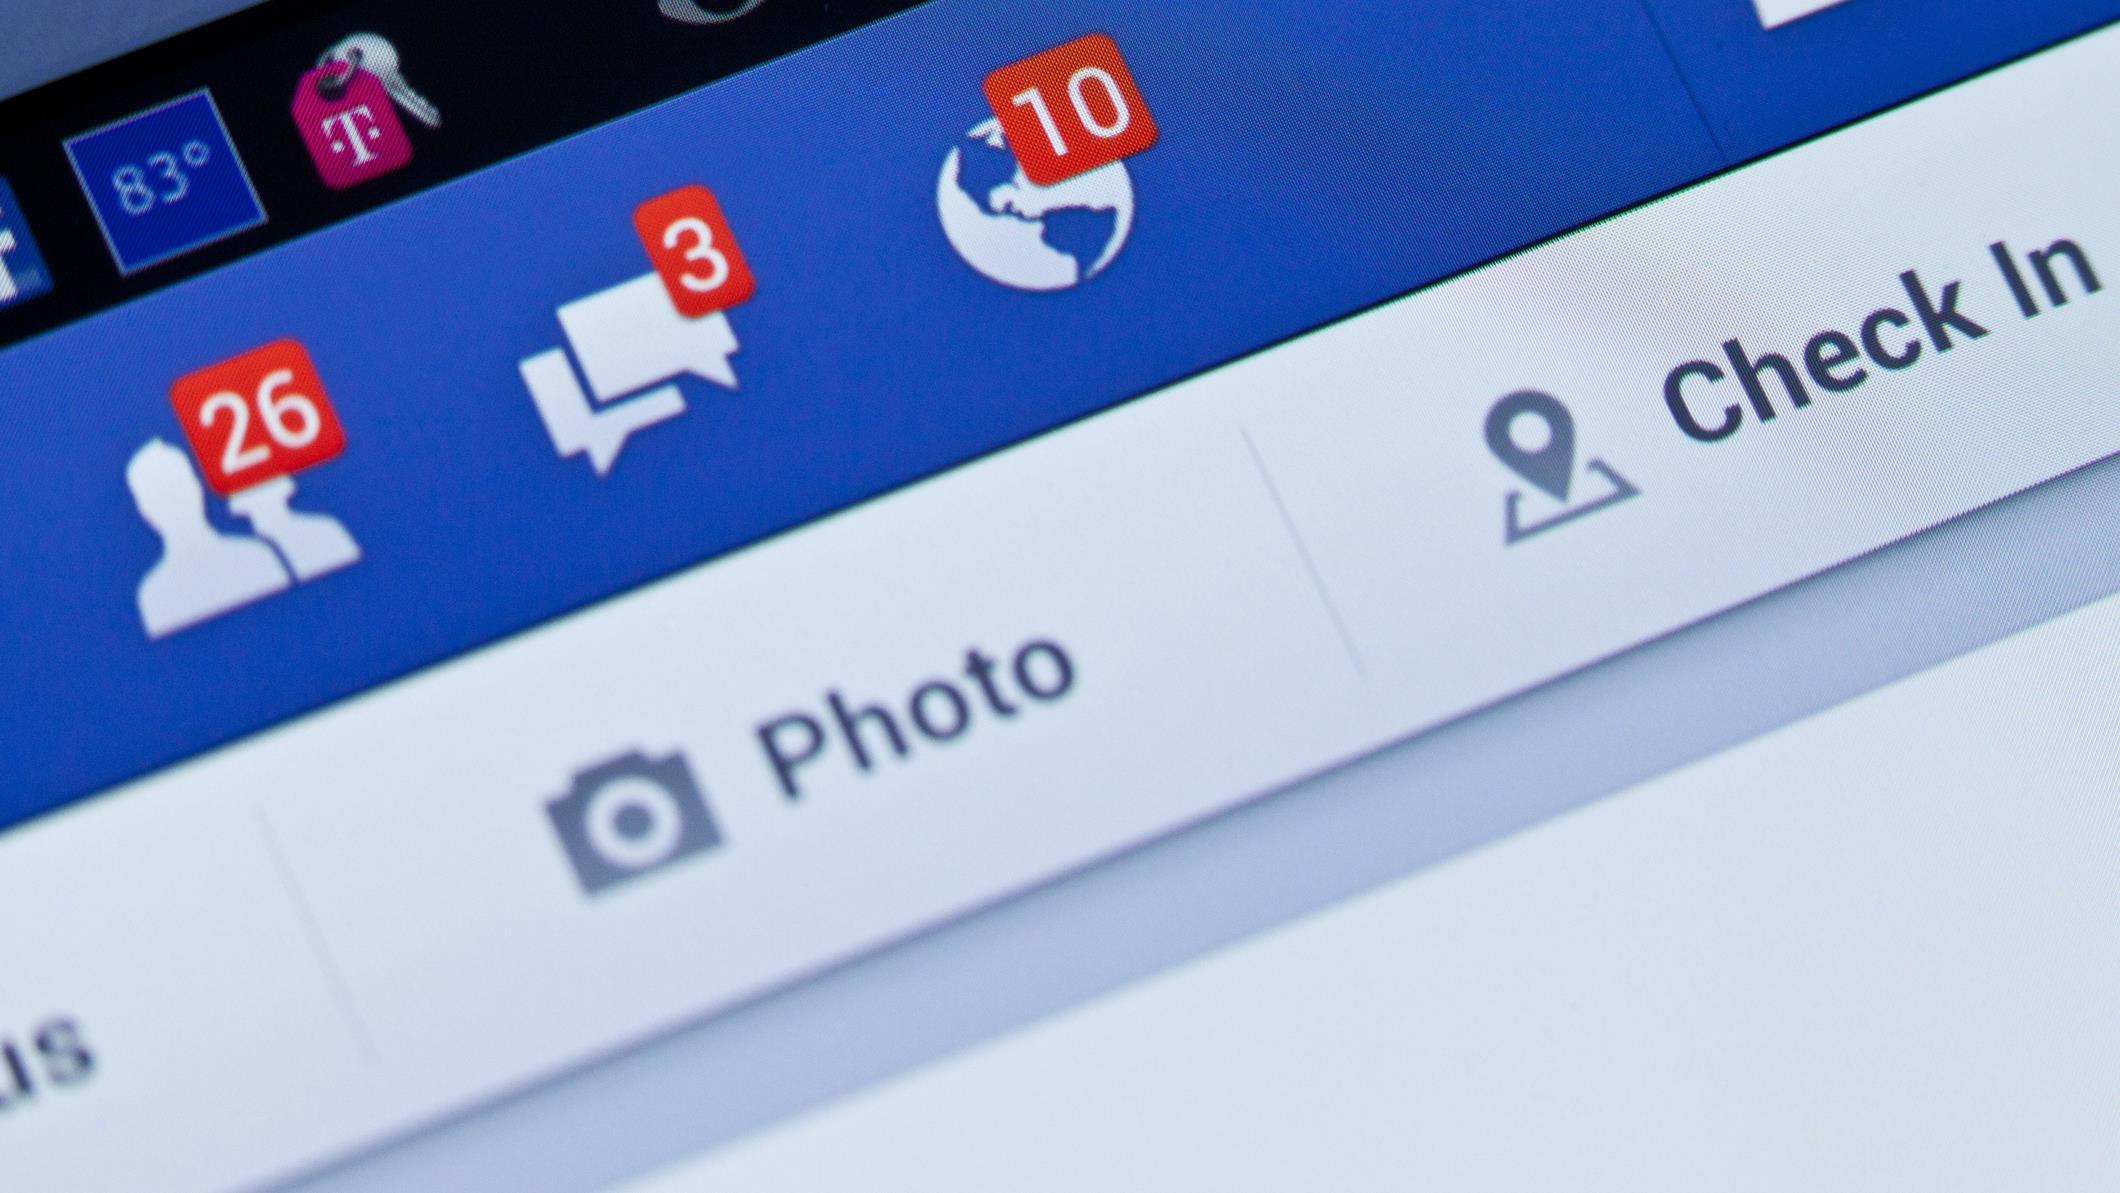 Refonte majeure du fil d'actualité de Facebook : moins de publicités, plus d'amis